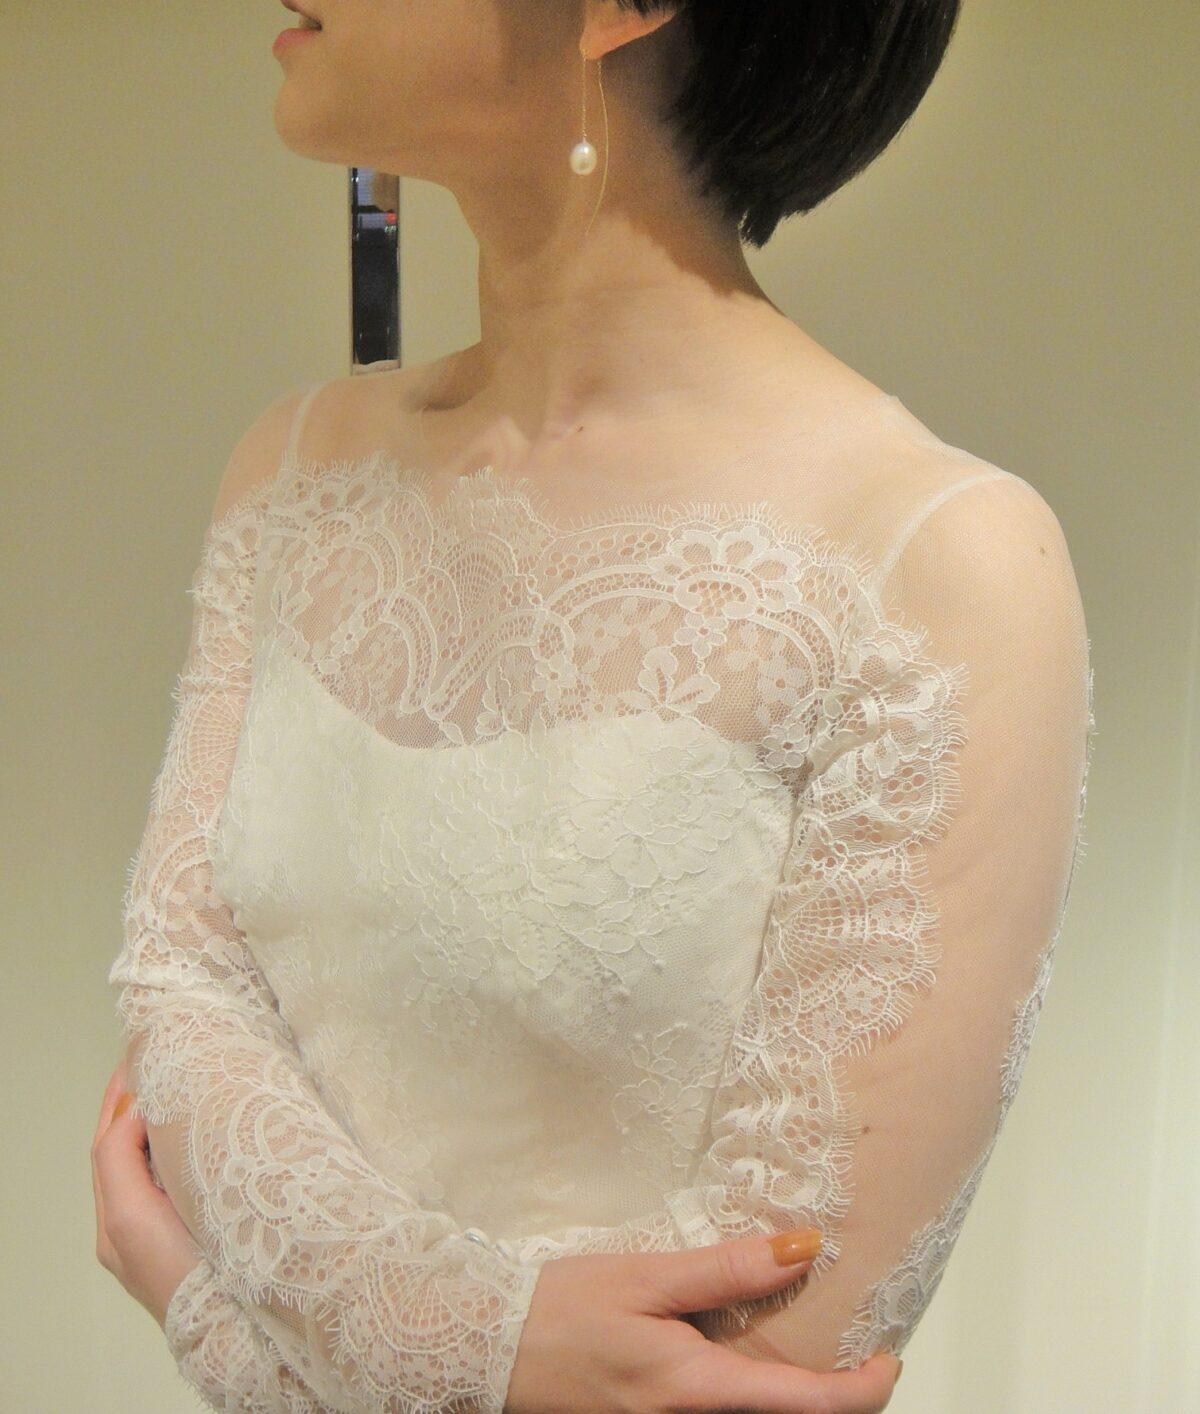 ロングスリーブデザインのレンタルウェディングドレスは横浜みなとみらい周辺の結婚式にぴったり